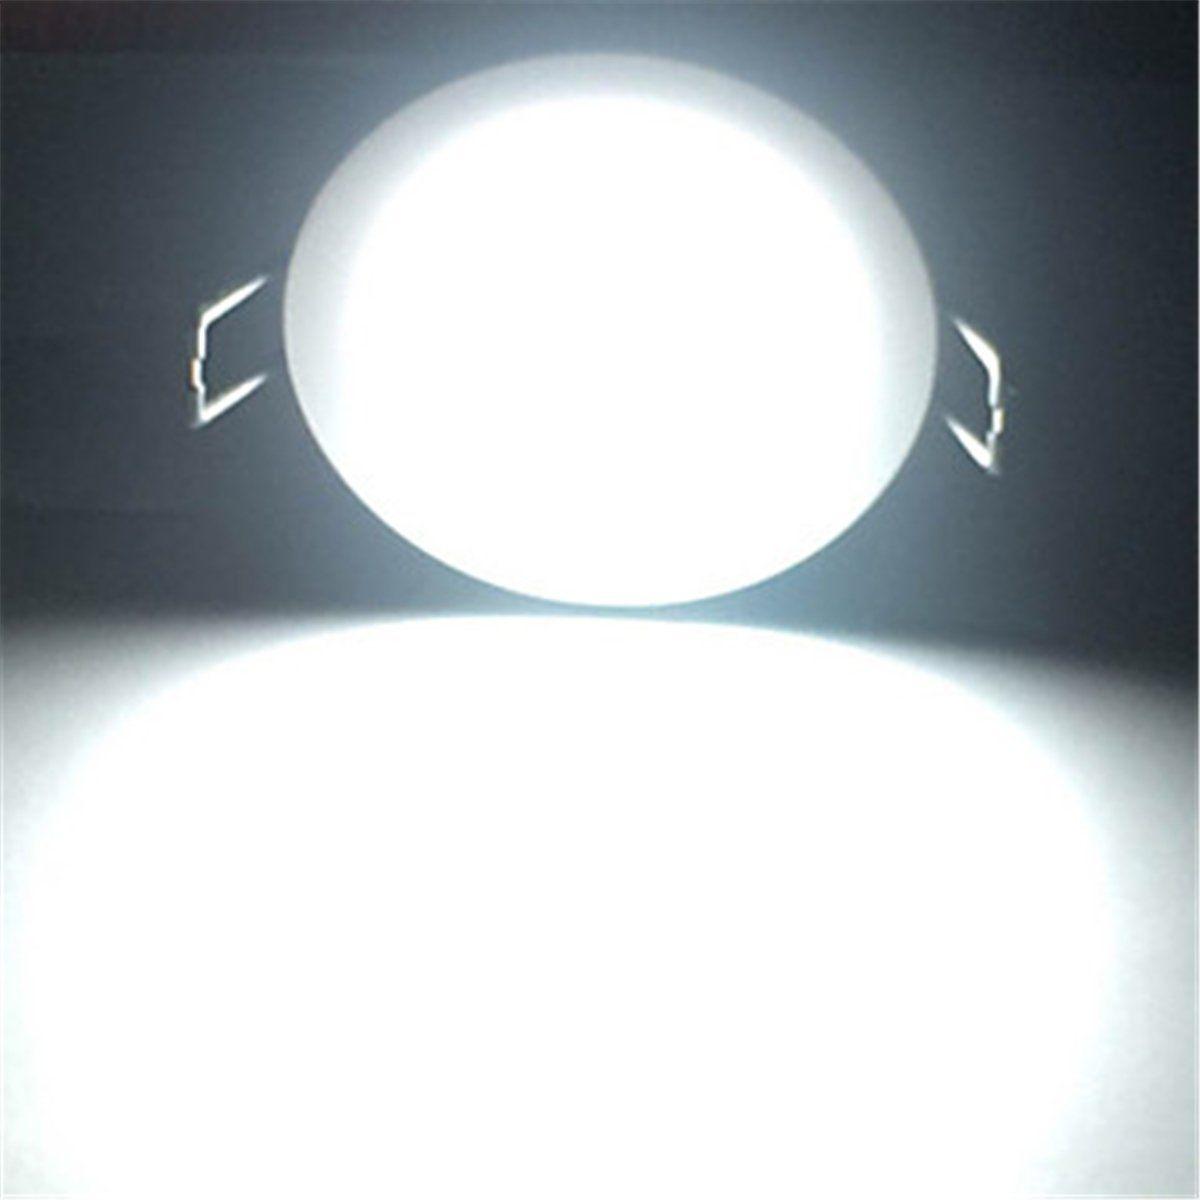 Prodeli Downlight Retrofit Recessed Lighting Fixture 4 Inch